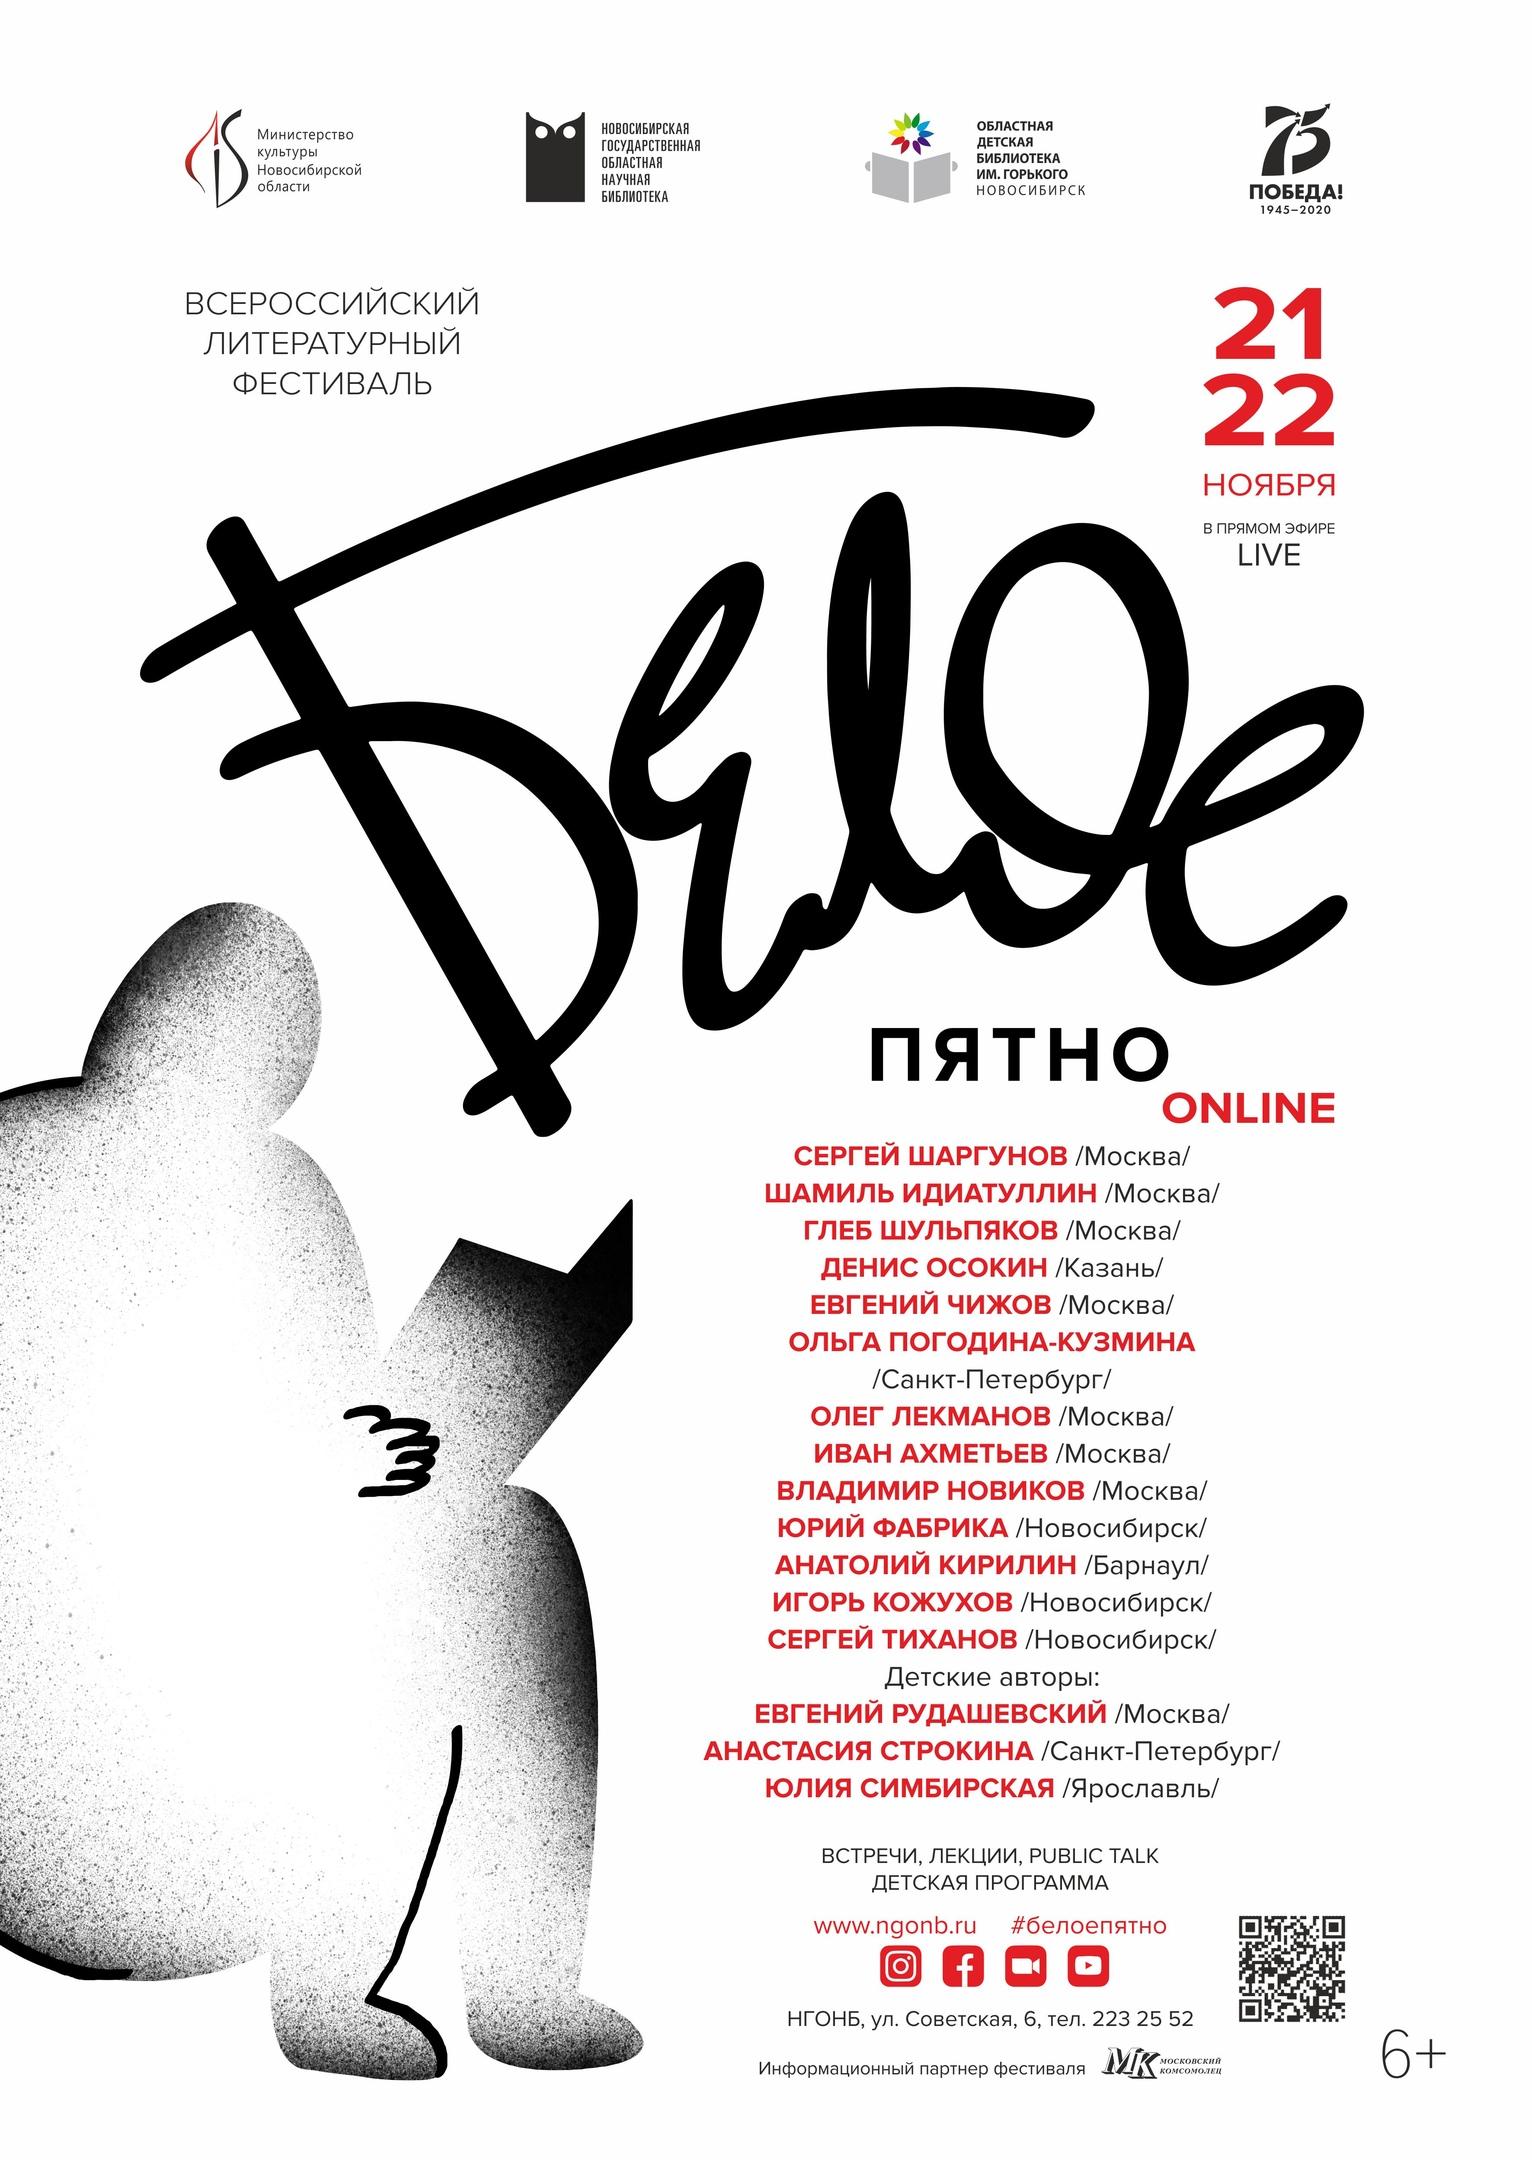 Всероссийский литературный фестиваль «Белое пятно» пройдет в Новосибирске!